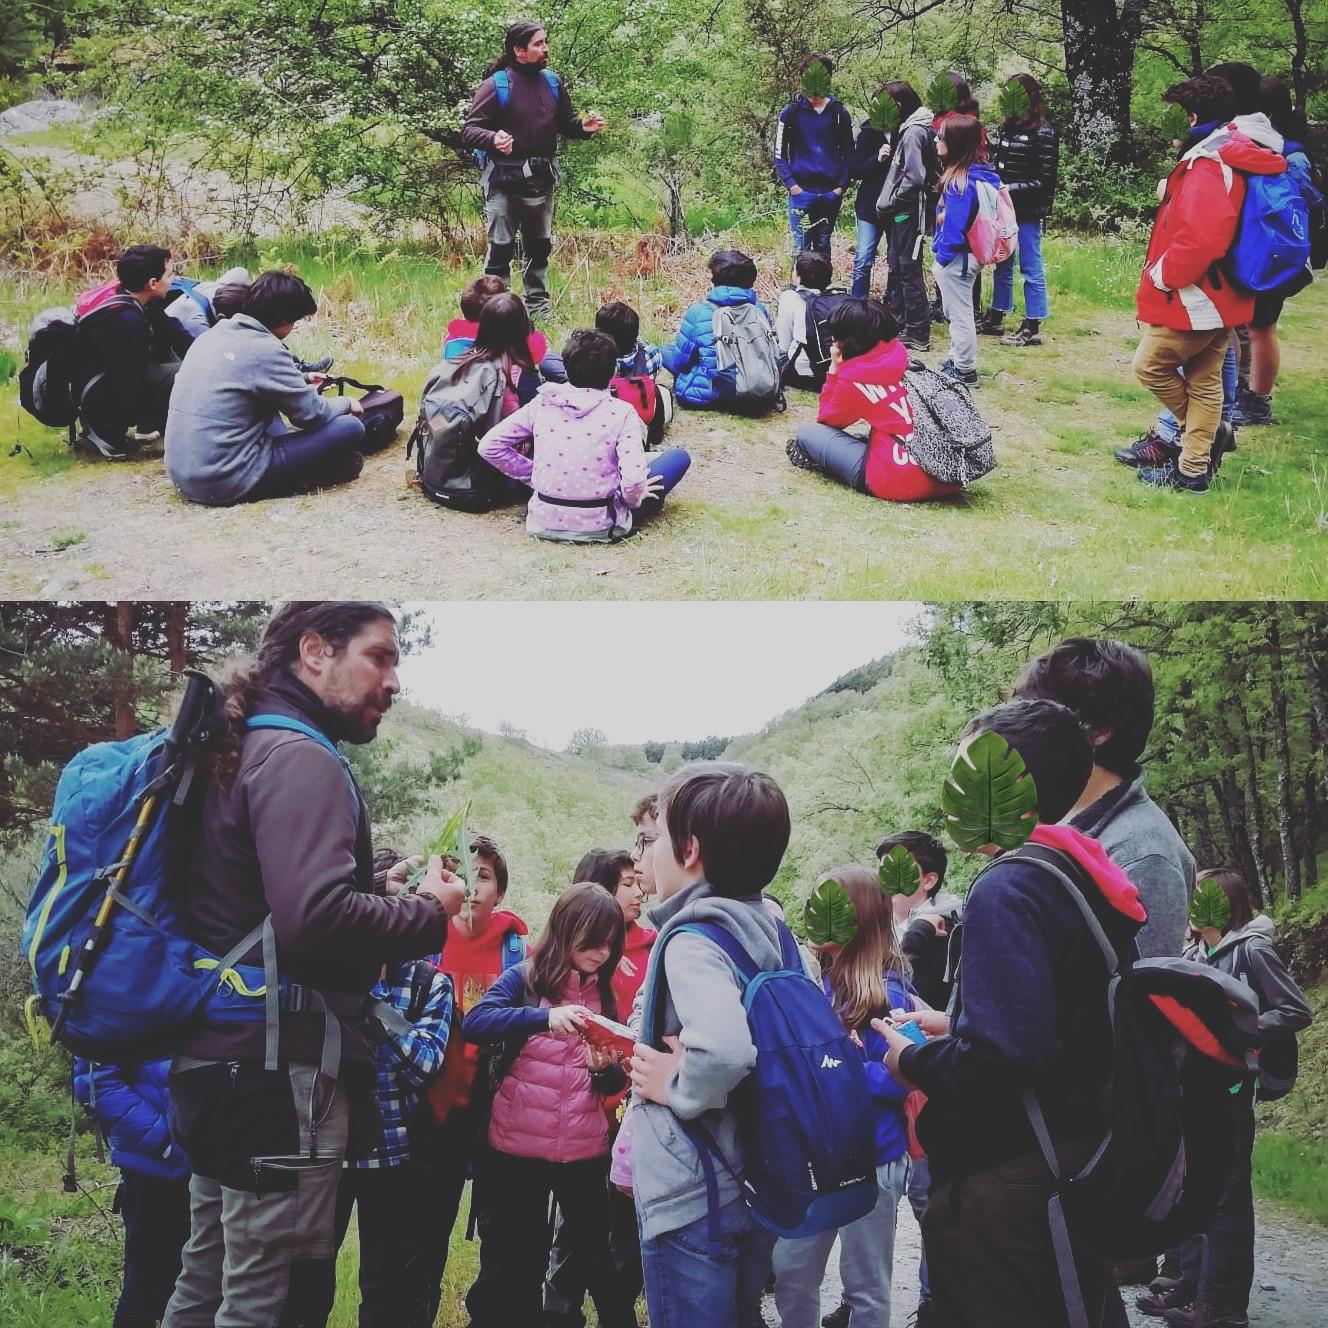 Excursiosnes a los espacios naturales cercanos